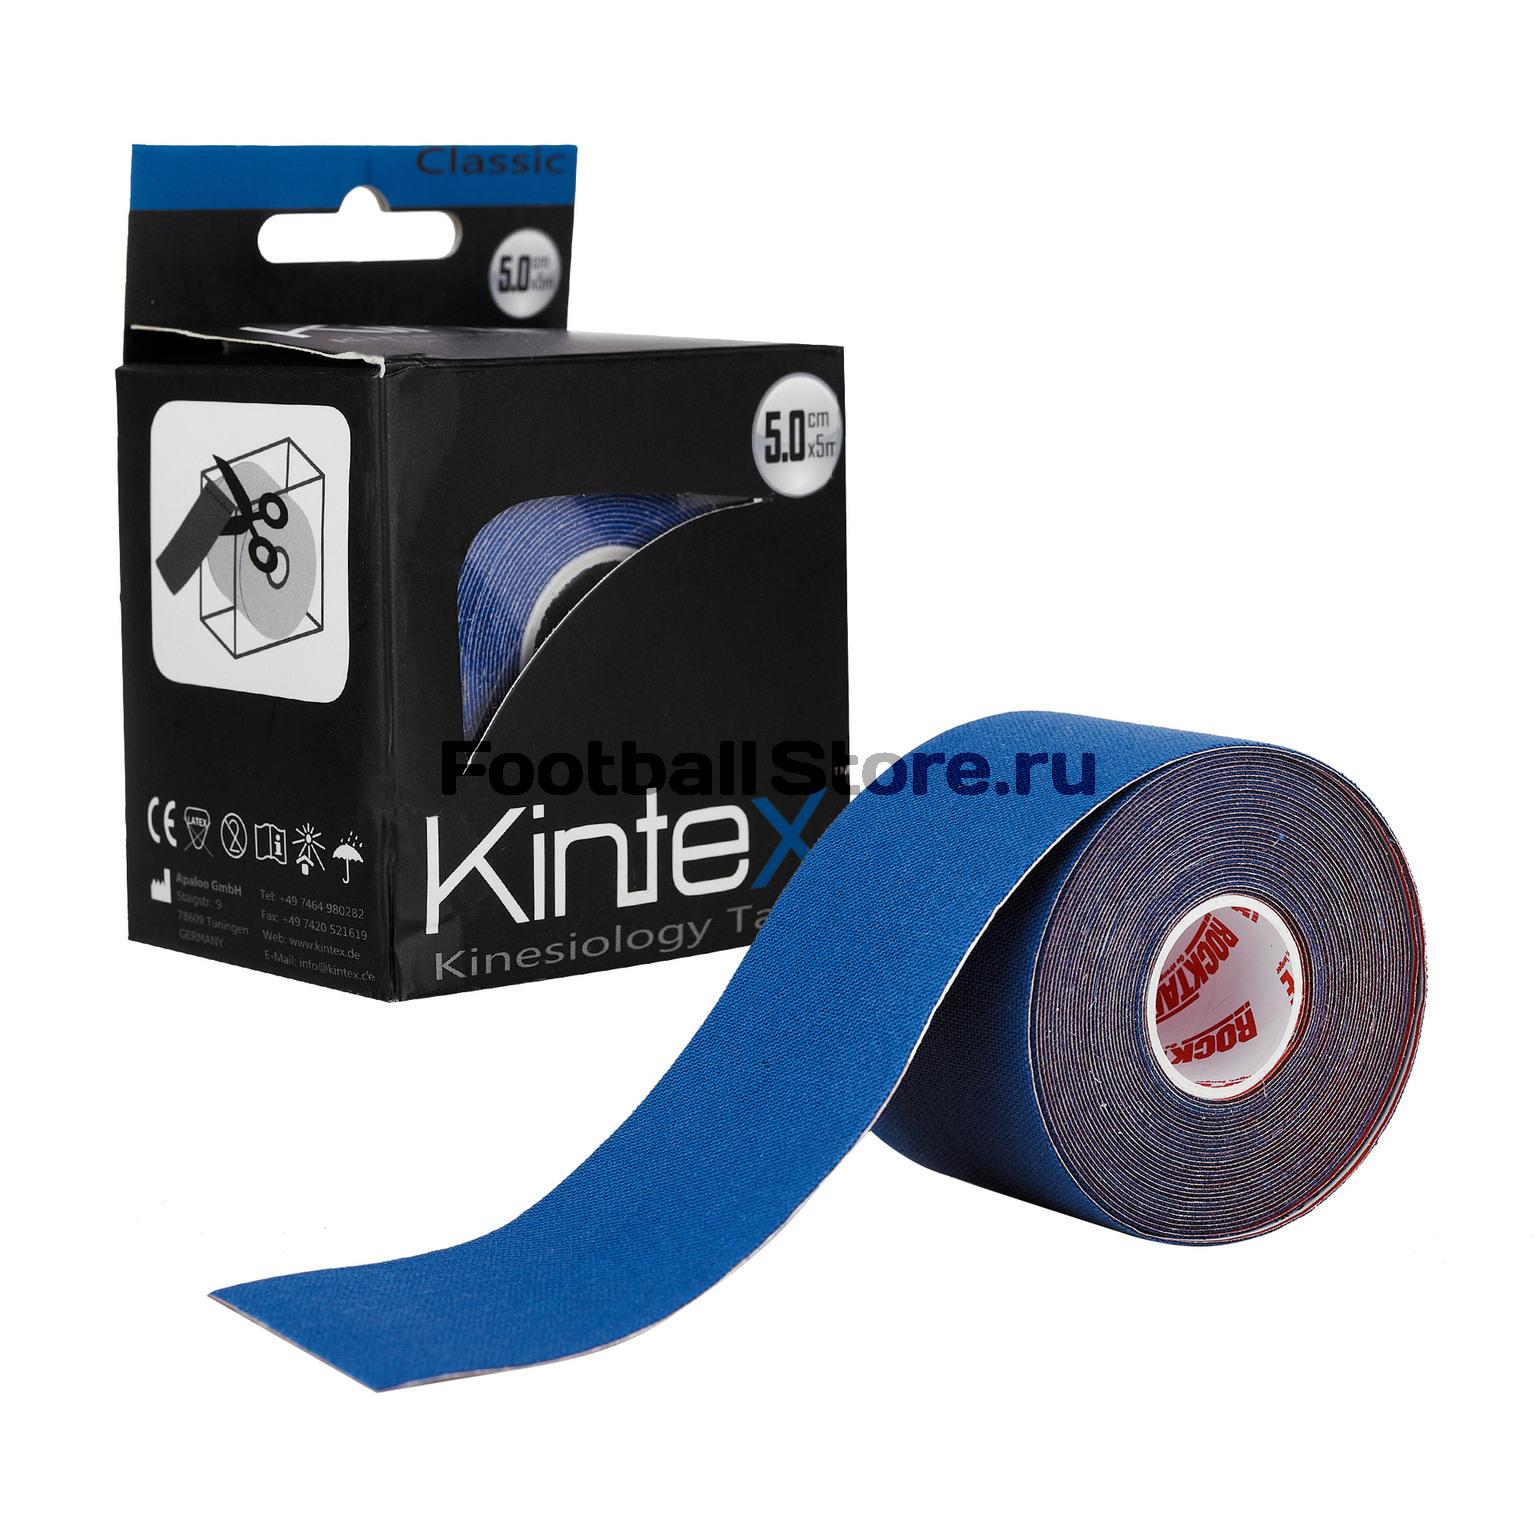 ТЕЙП Kintex, classic, синий, 5см х 5м